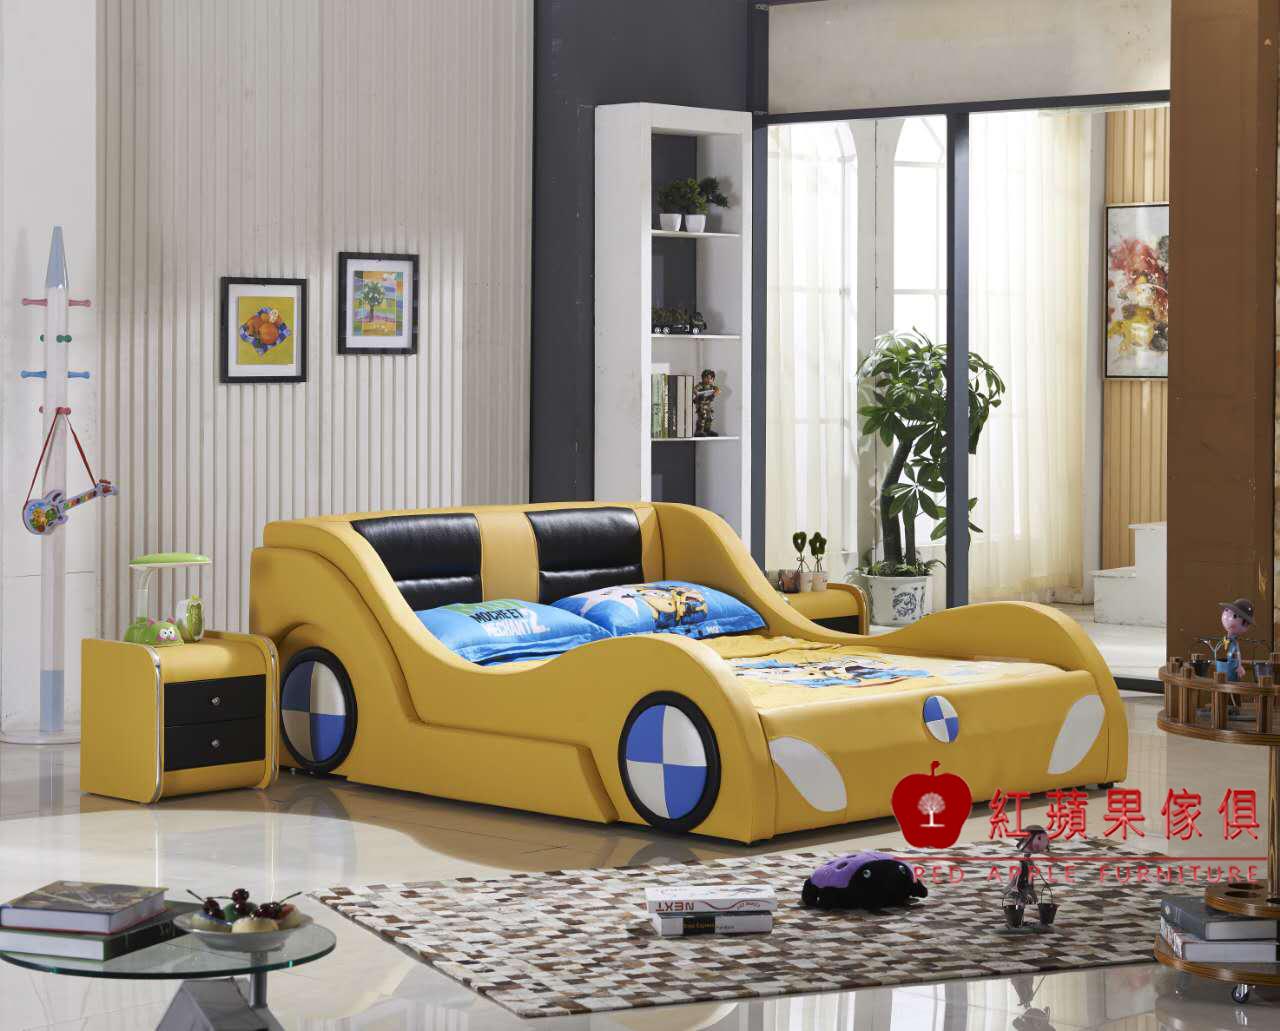 紅蘋果傢俱Y886兒童家具跑車床兒童功能床四尺五尺汽車床床架造型床床頭櫃